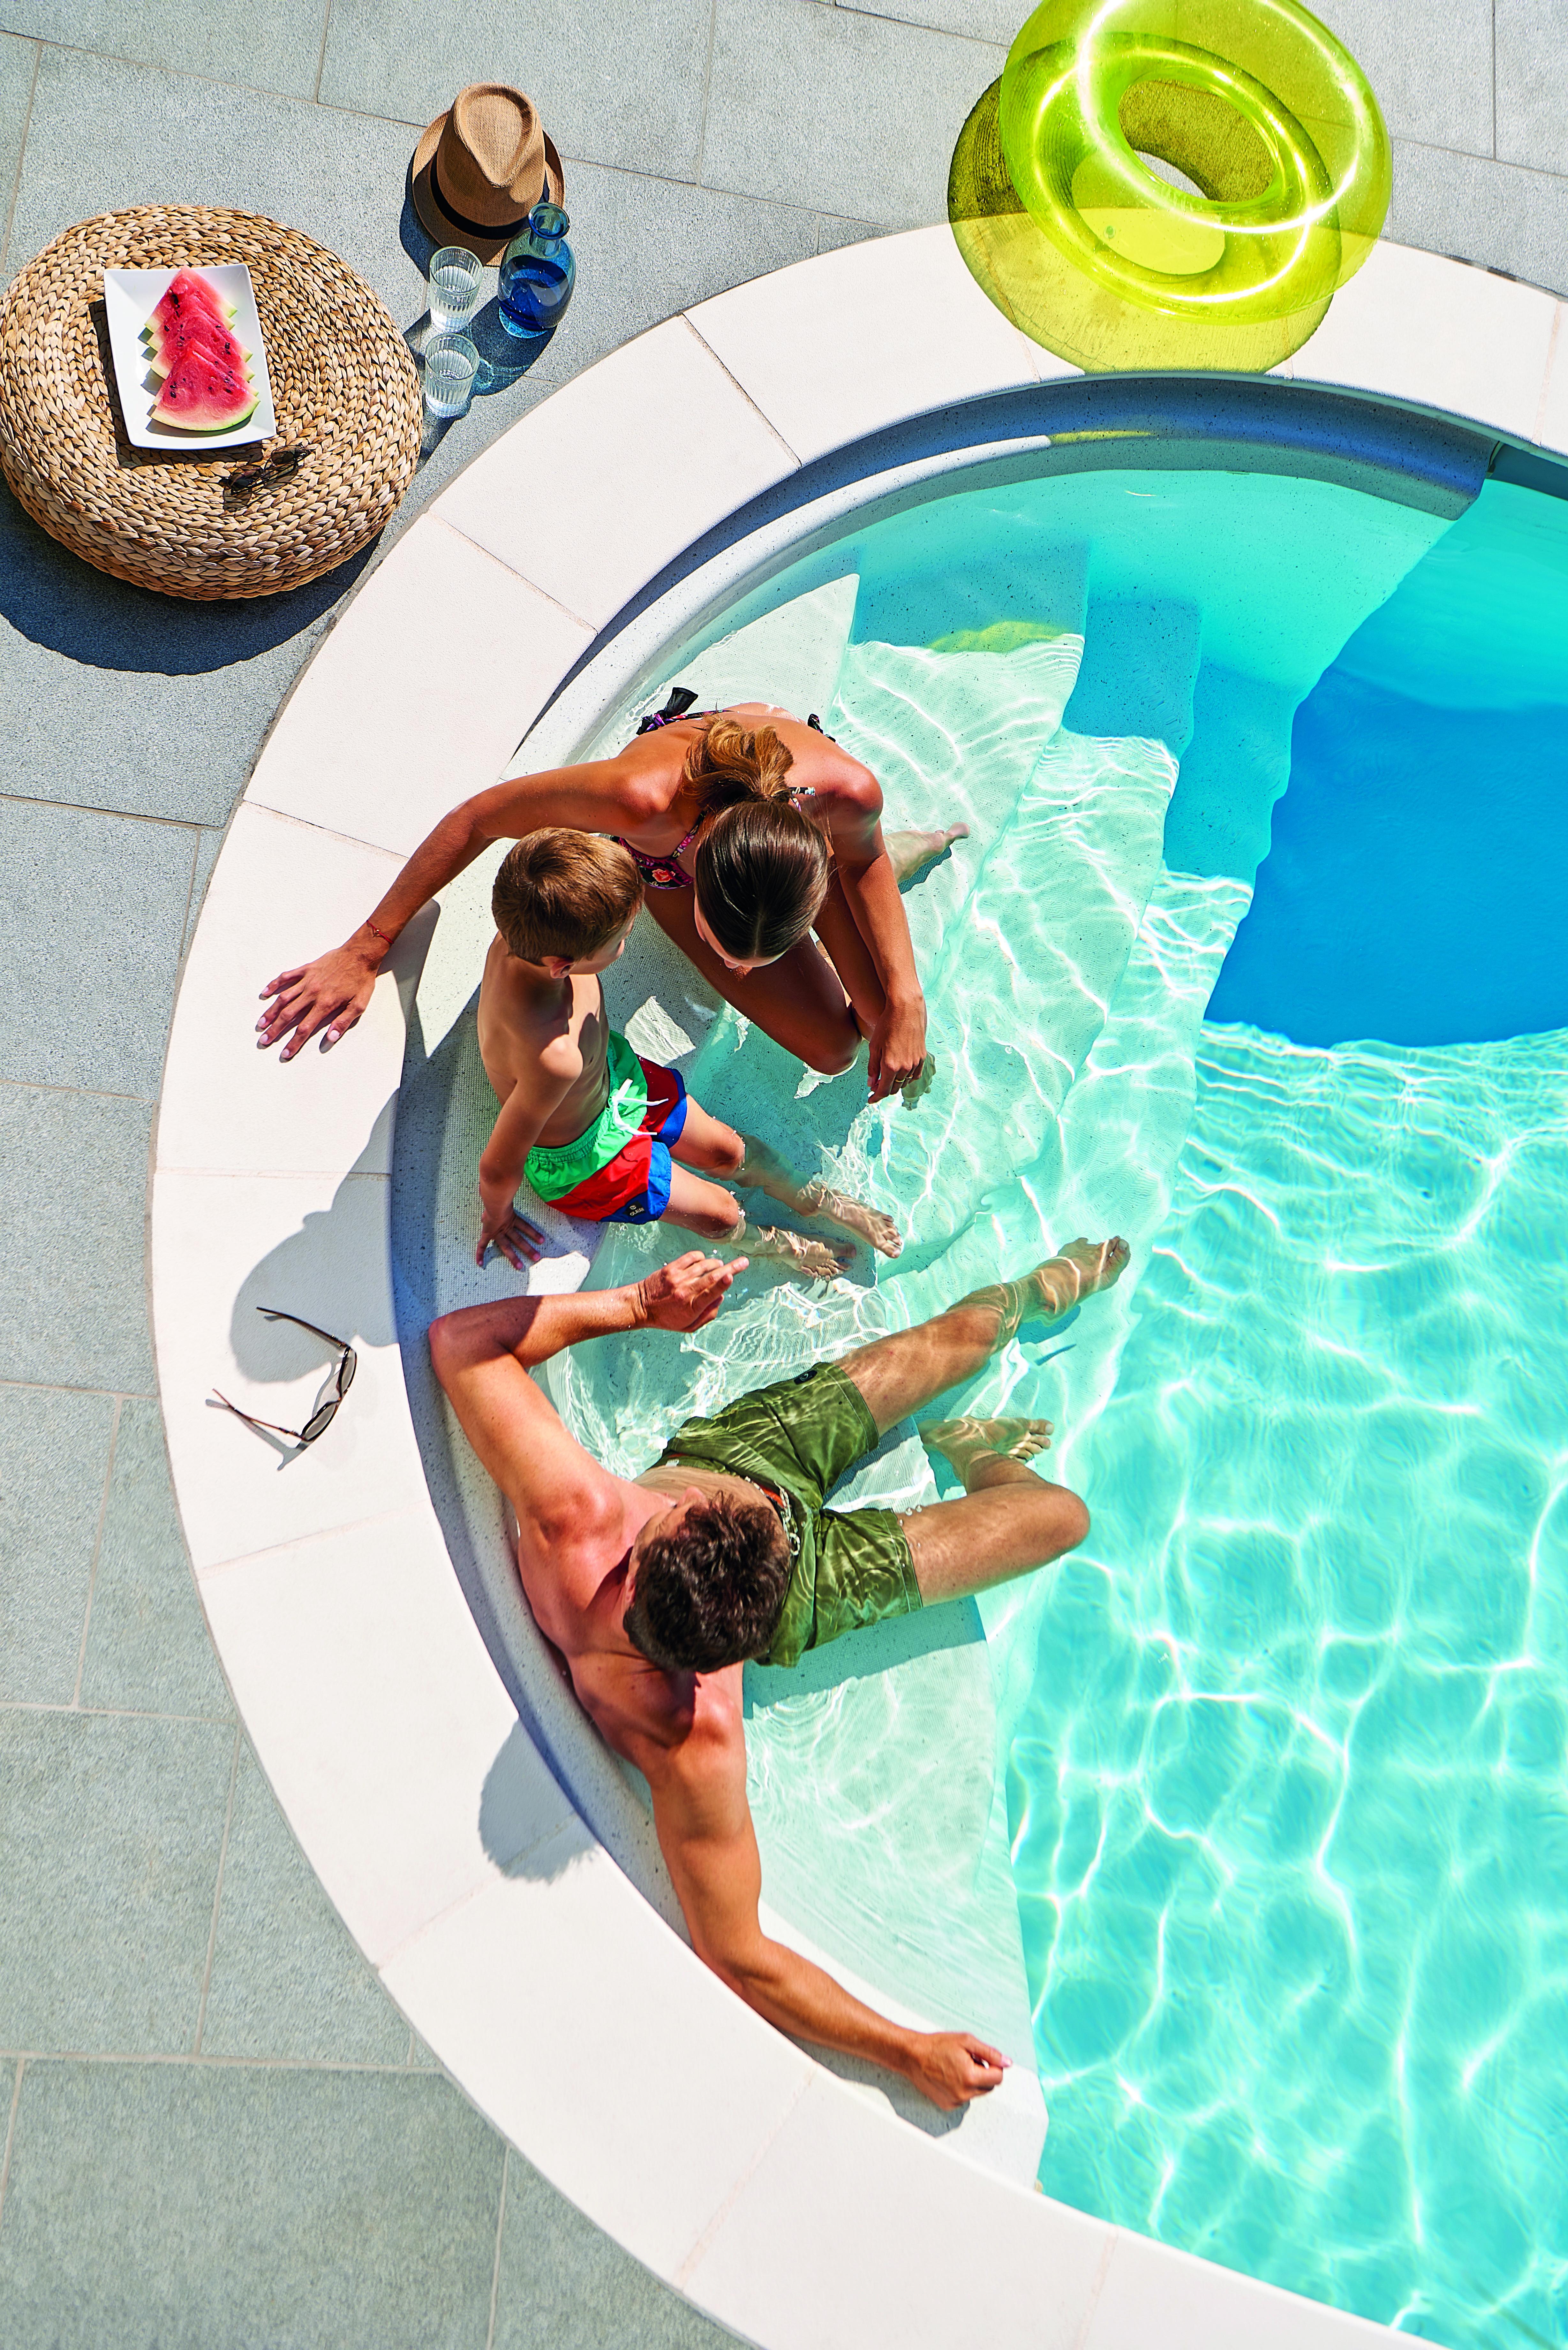 Quand la piscine vous offre LE FARNIENTE TOTAL Maison